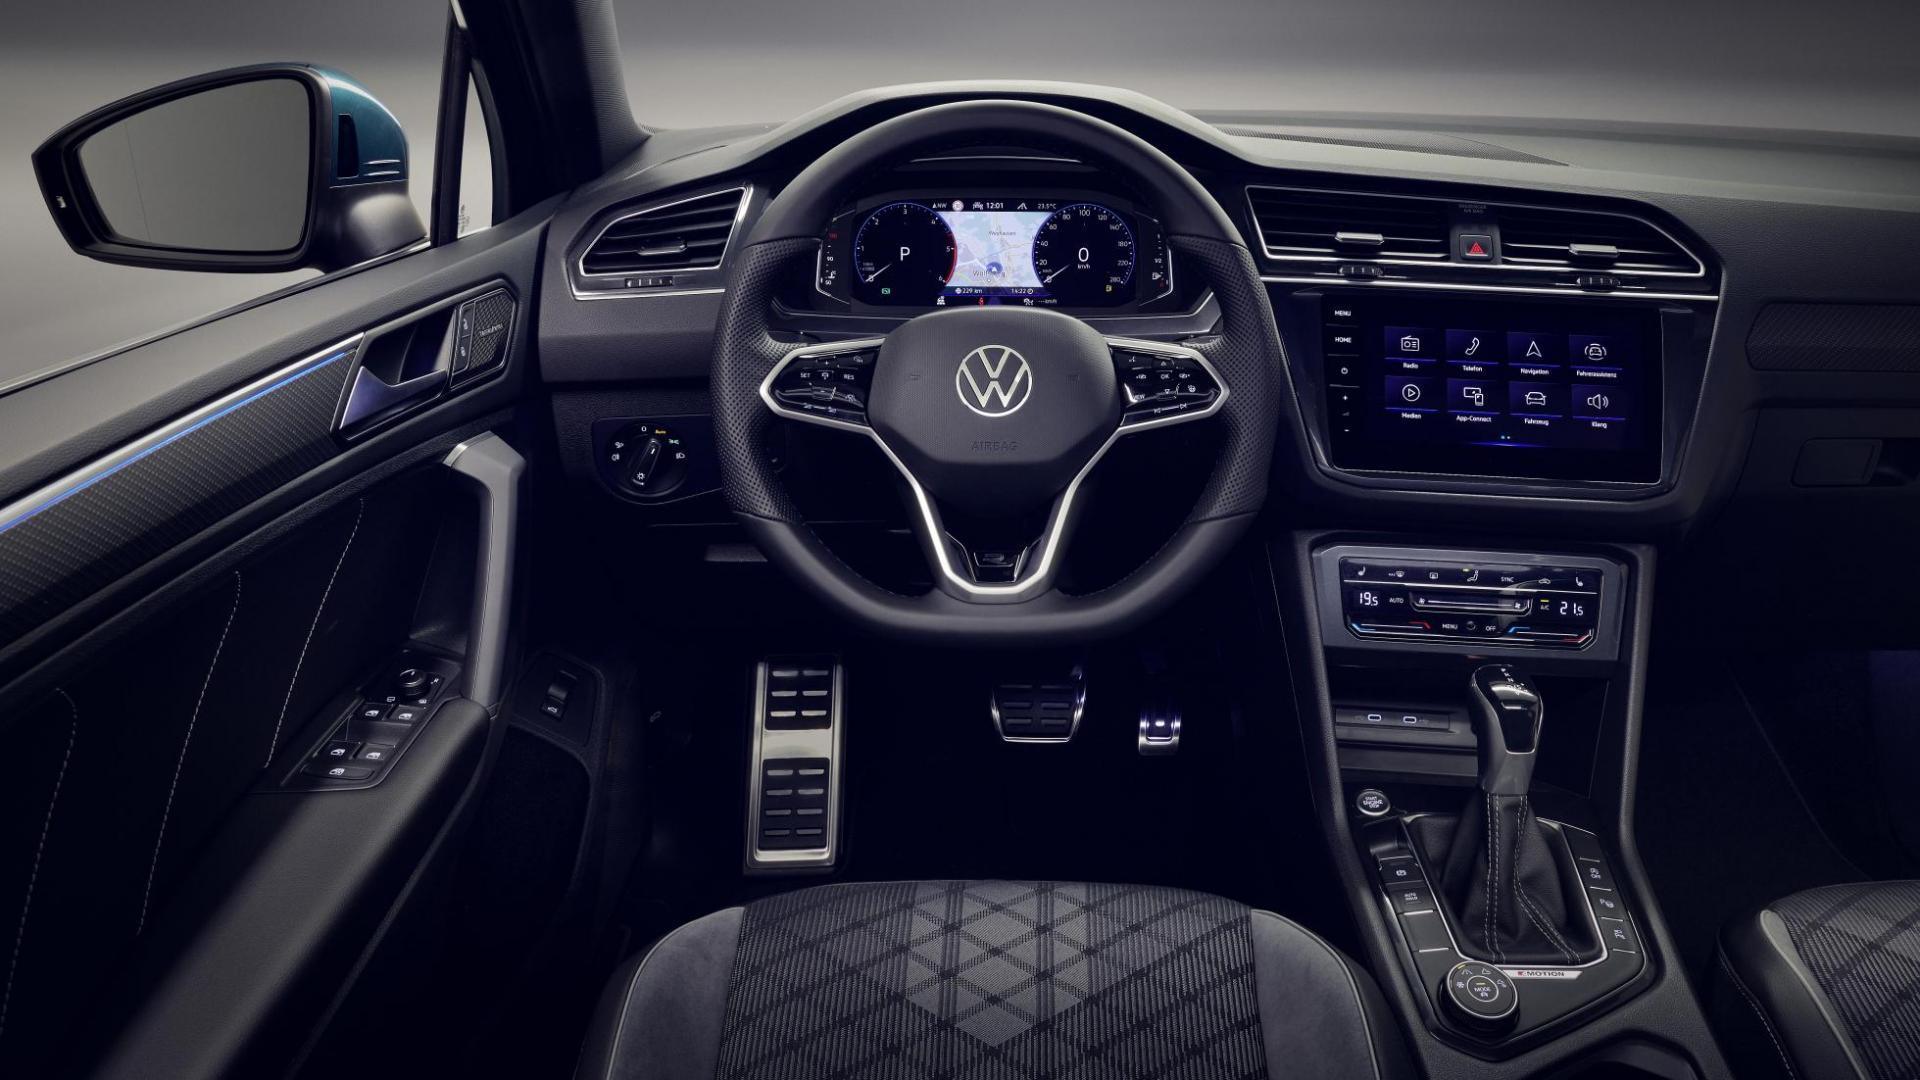 interieur Volkswagen Tiguan-facelift 2020